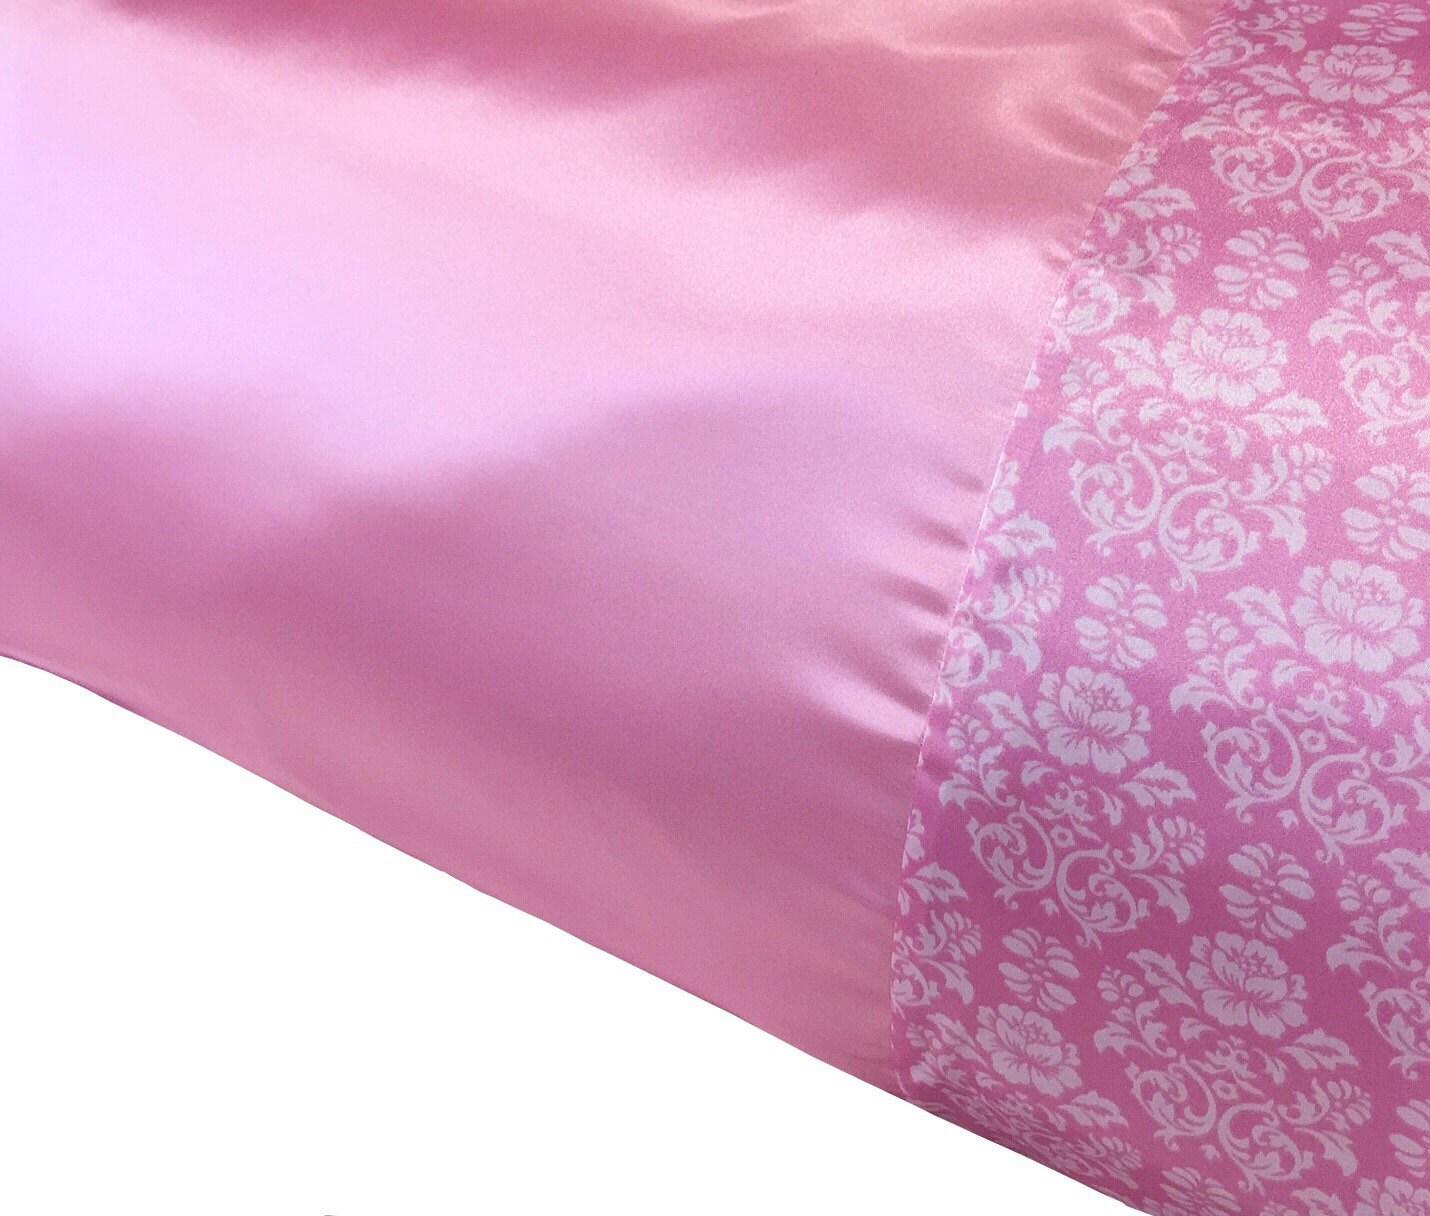 Cotton Candy Pink Amp Rose Damask Satin Pillowcase Satin